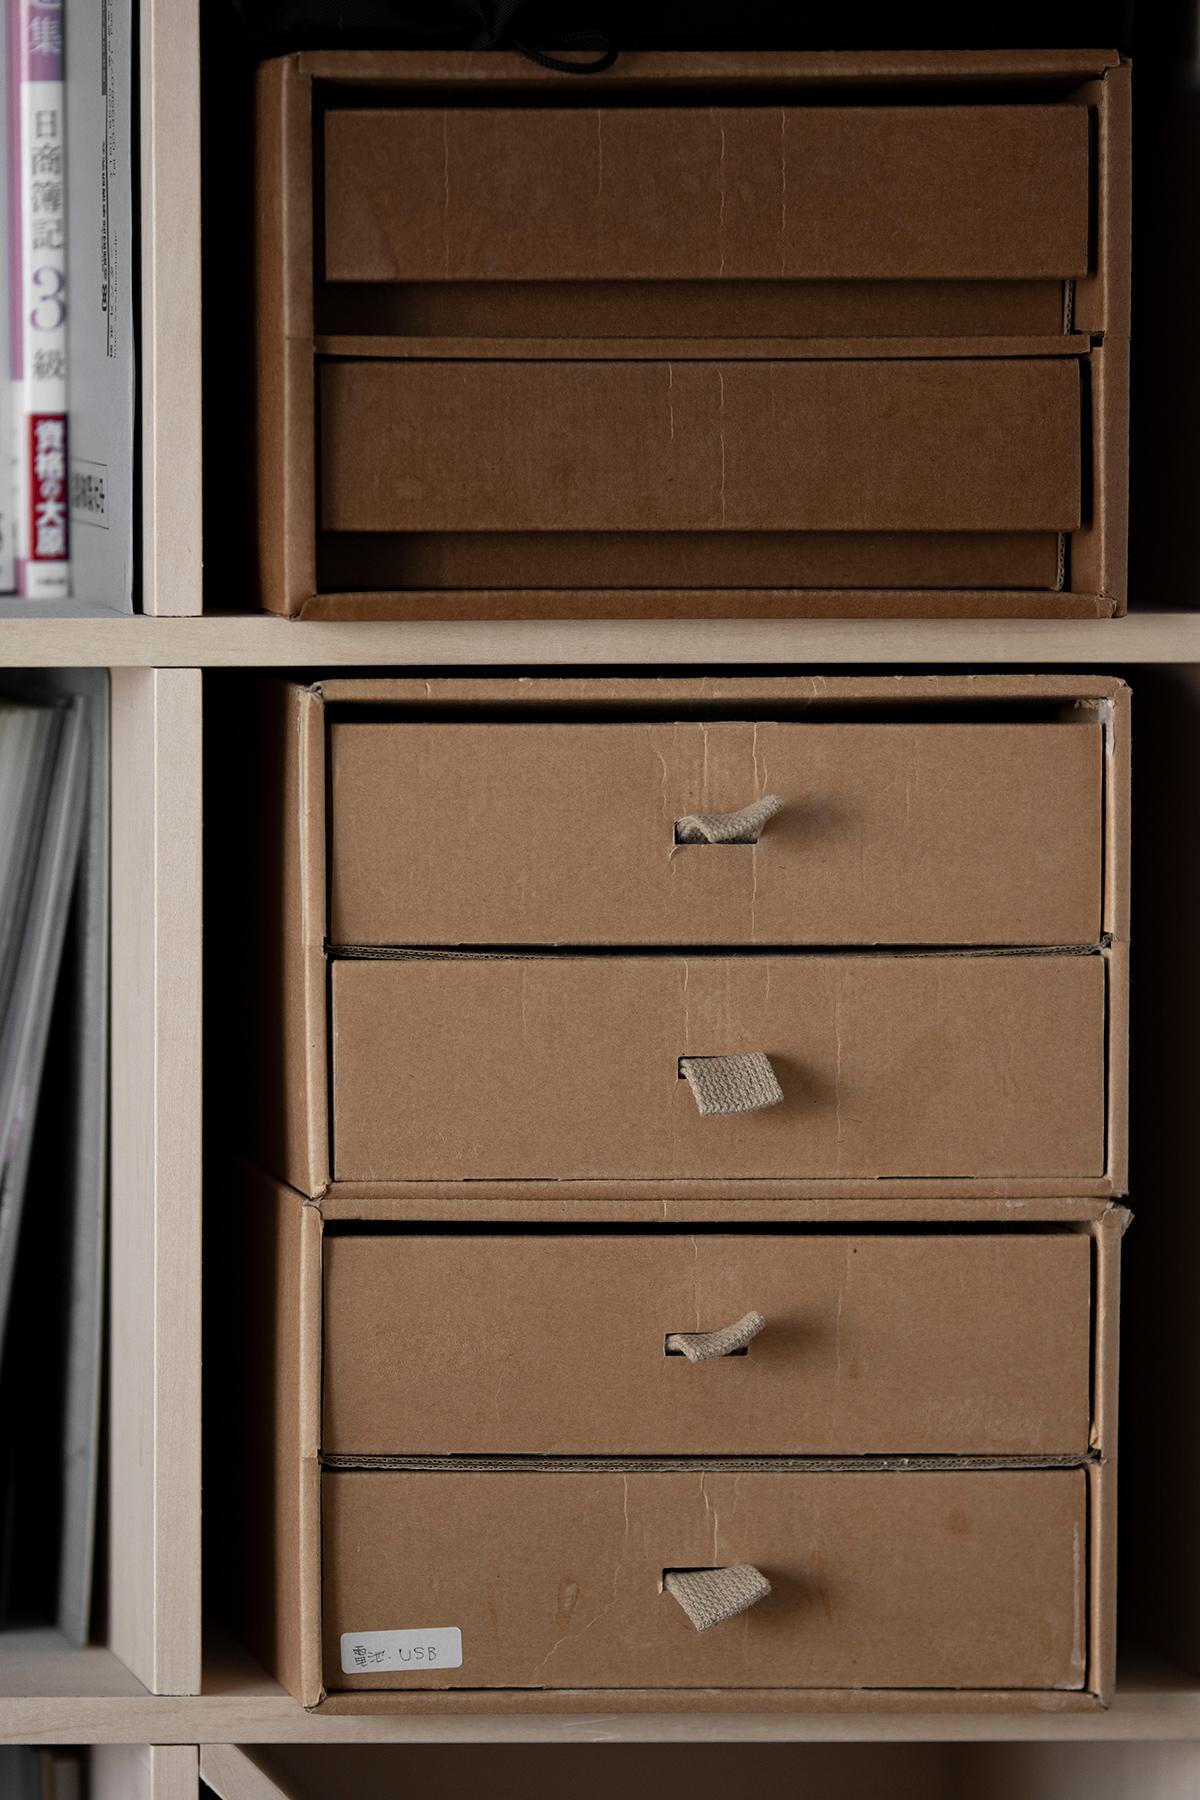 アイランド型のデスクから見渡せる壁一面の本棚 | 壁一面の本棚 奥行250mm / Shelf (No.80) | マルゲリータ使用例